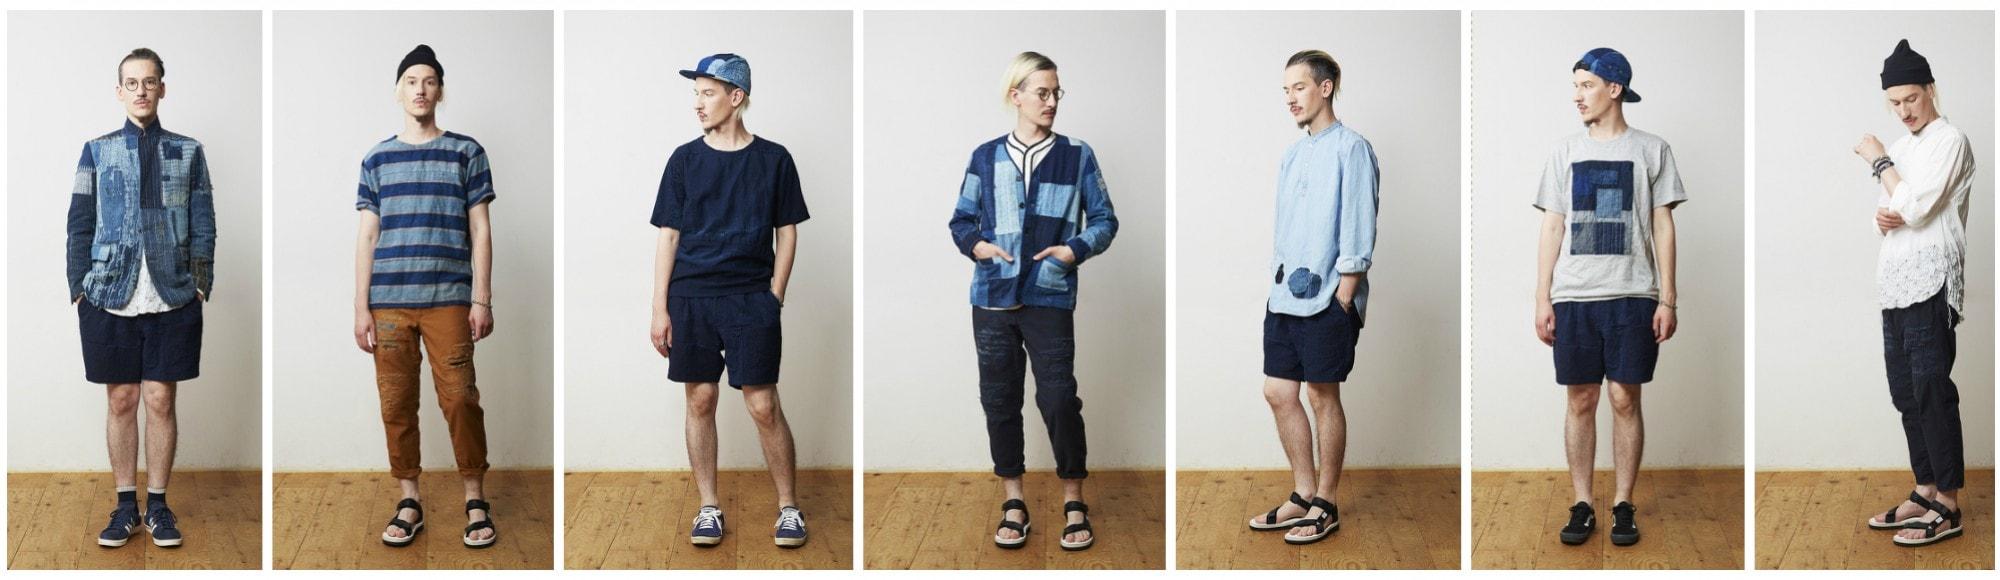 Marcas de moda upcycling transformam tecidos descartados em roupas originais stylo urbano-9